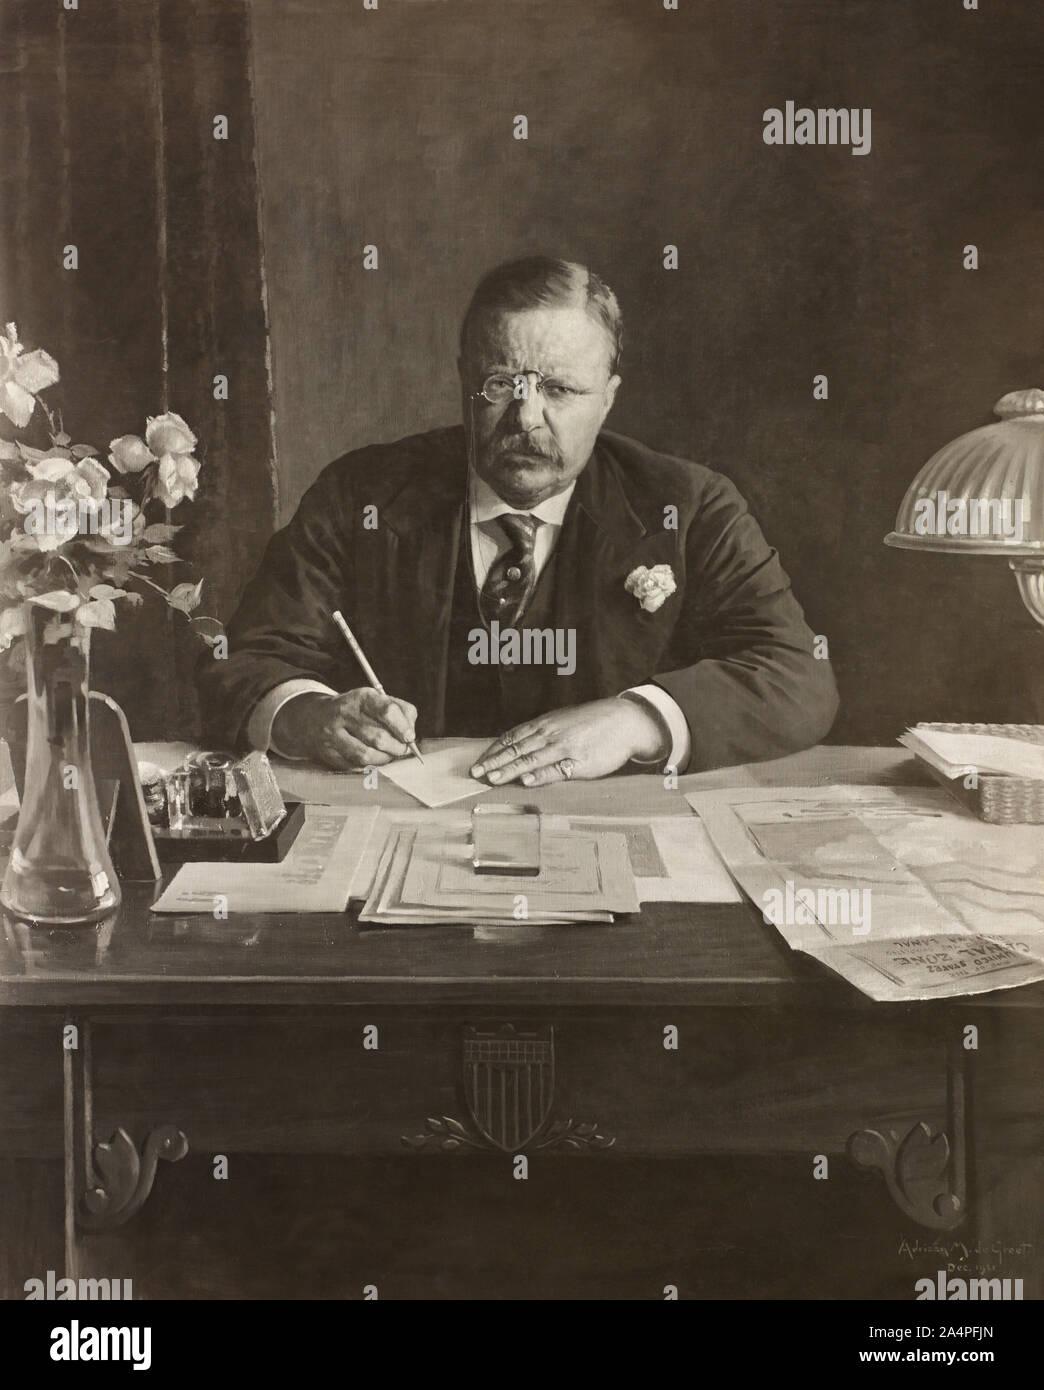 El Presidente de los Estados Unidos Theodore Roosevelt, Half-Length sentado en un escritorio vertical con la Zona del Canal de Panamá el documento en su escritorio, 1921 Pintura de Adriaan M. De Groot a partir de una fotografía Foto de stock